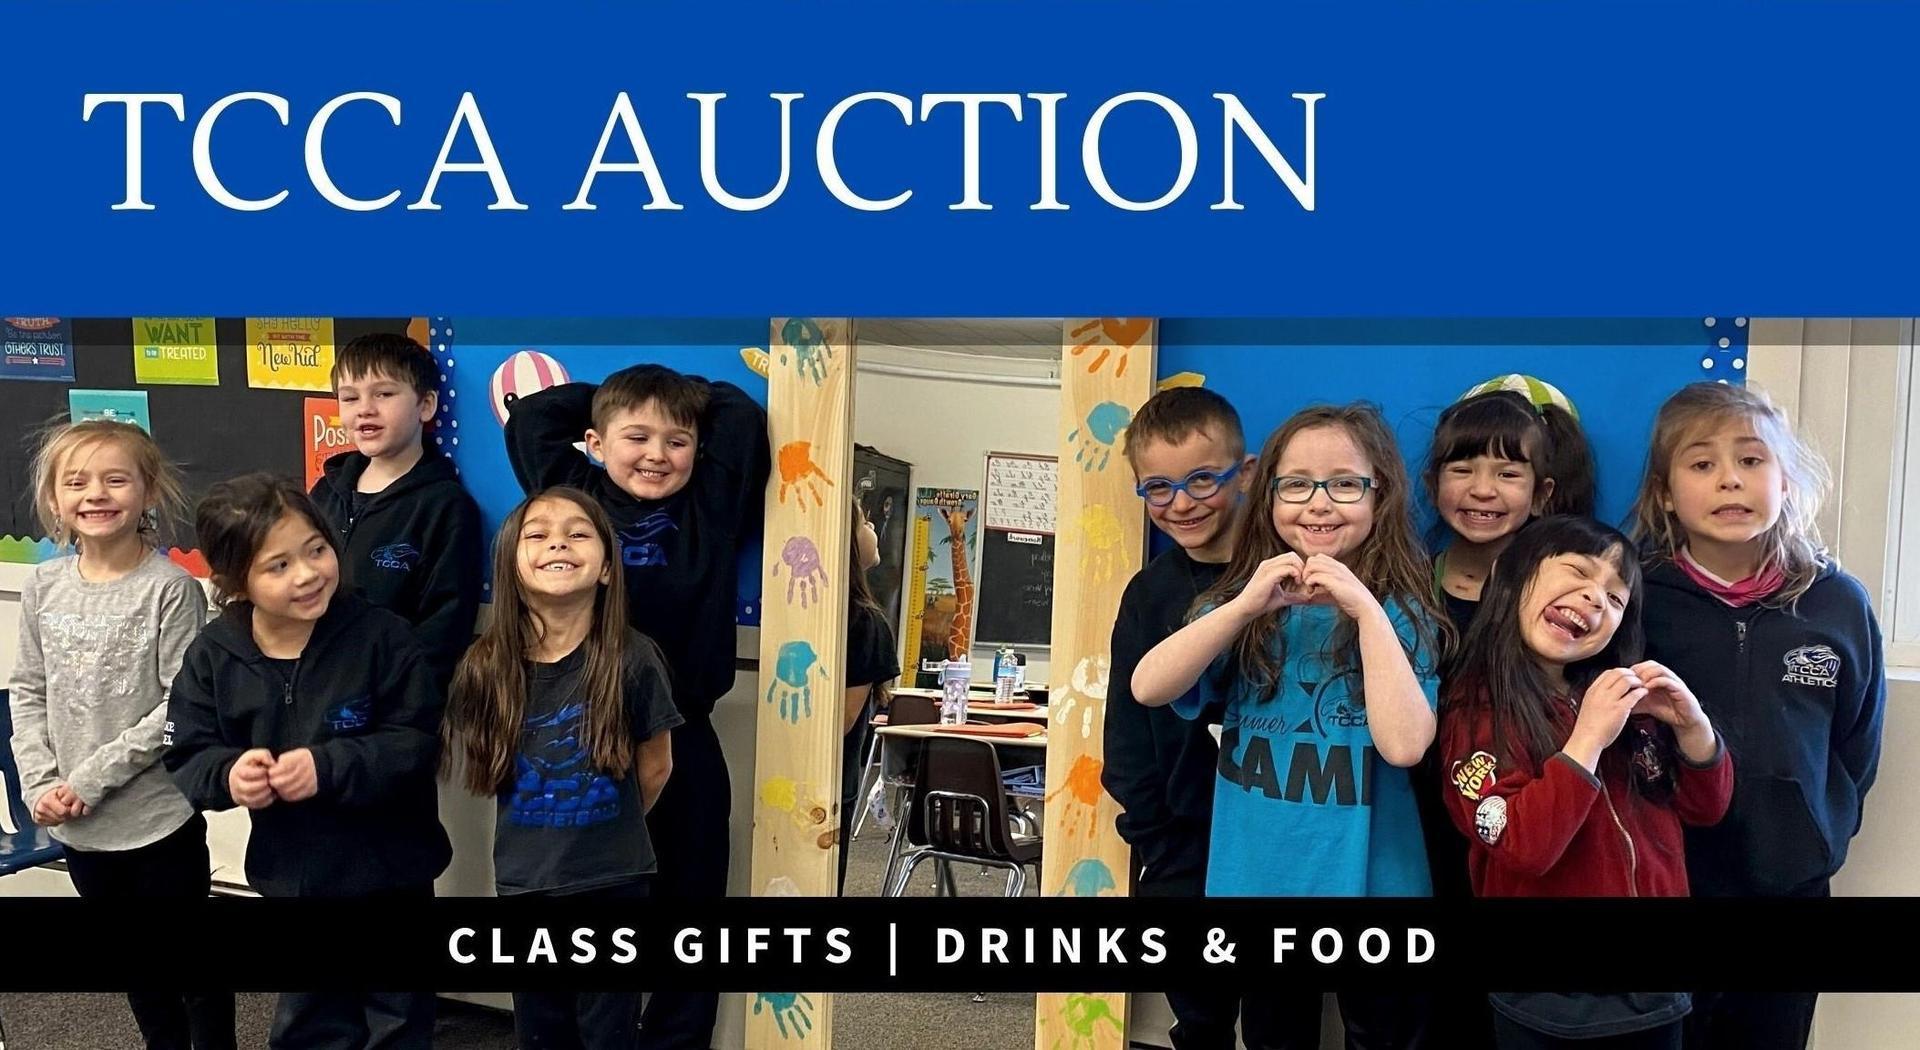 TCCA Auction